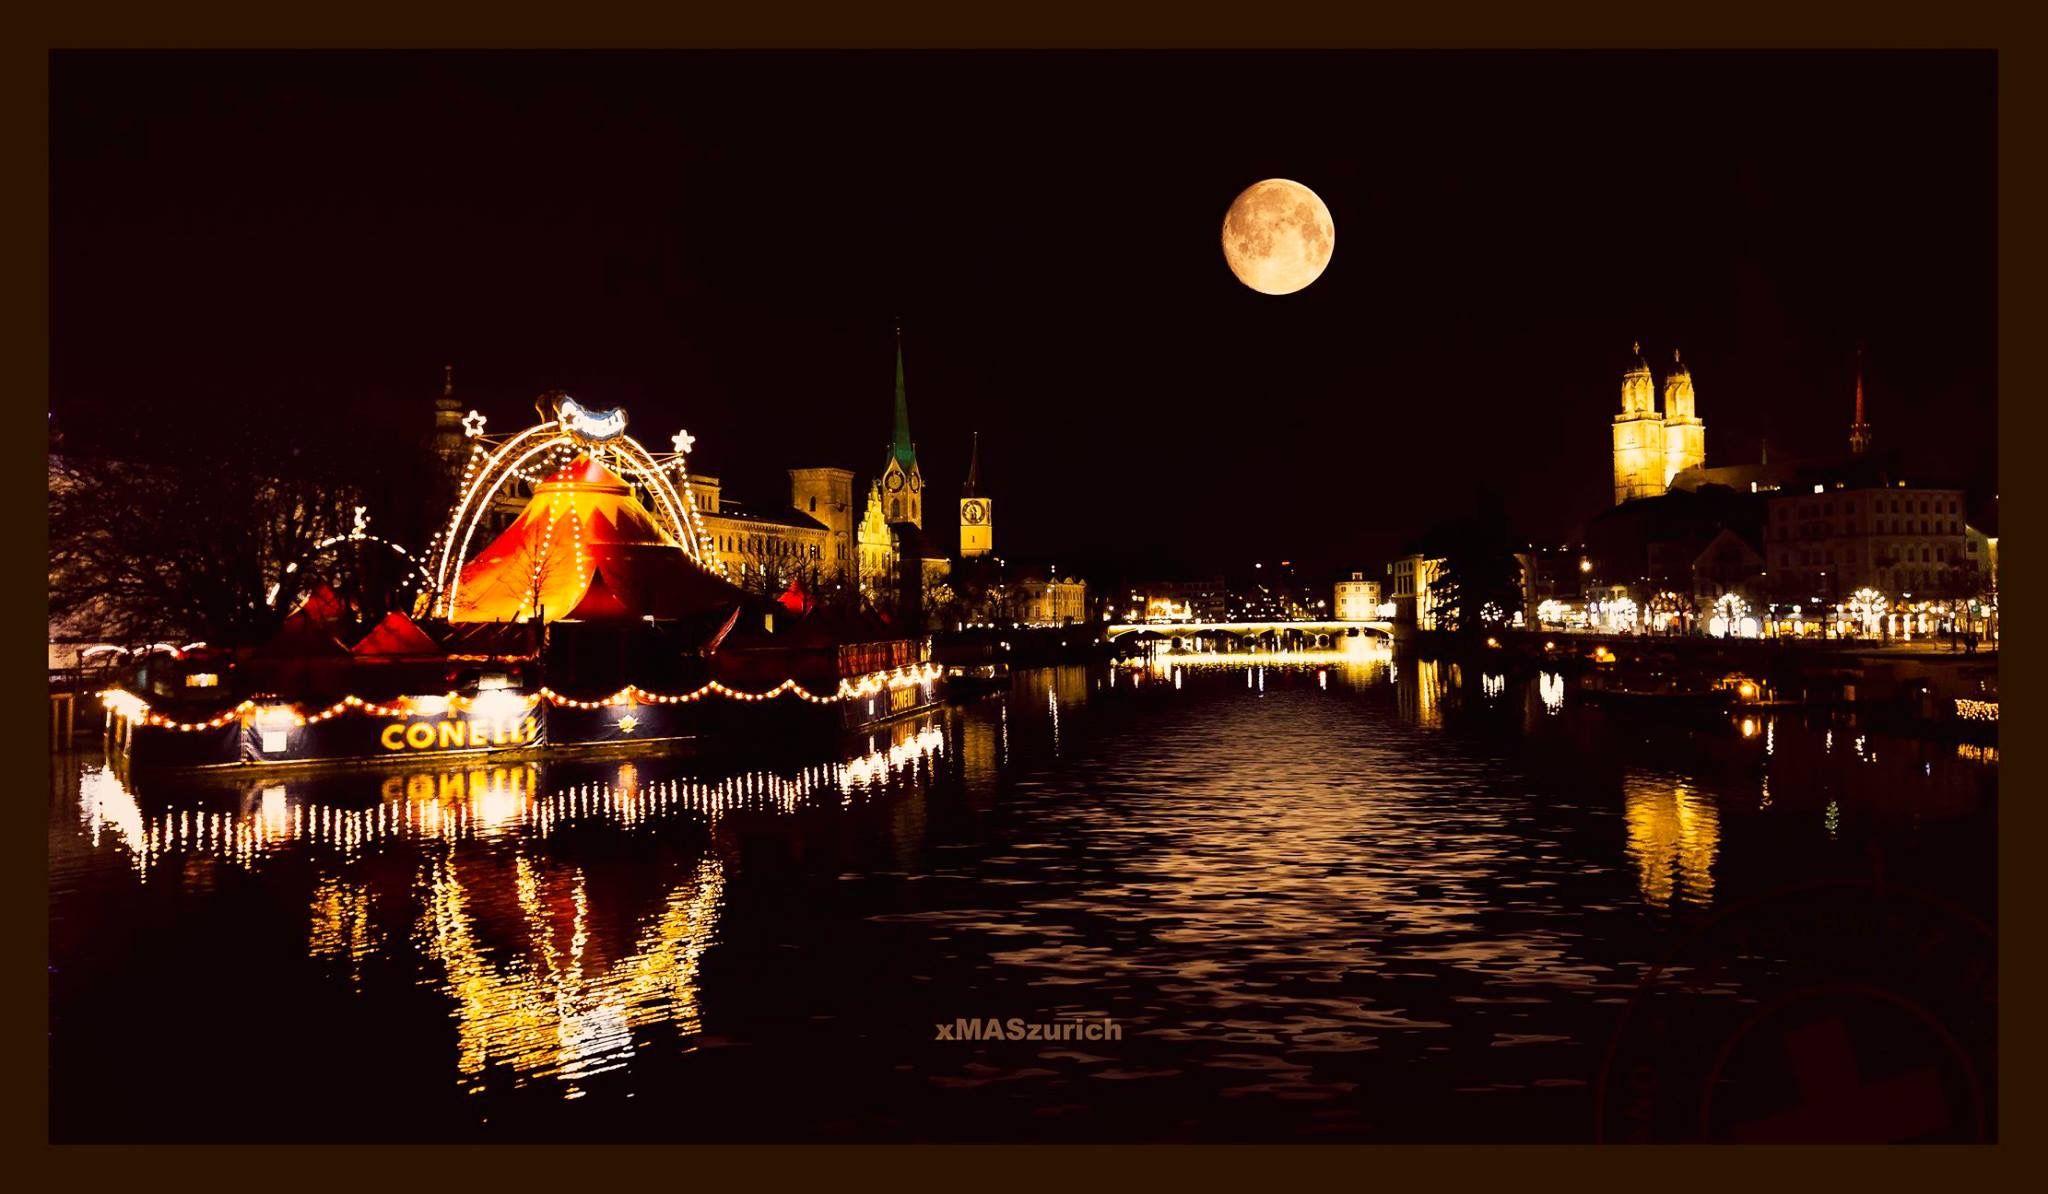 Frohe Weihnachten Schweiz.Frohe Weihnachten Xmaszurich Zürich Weihnachten Schweiz Xmas